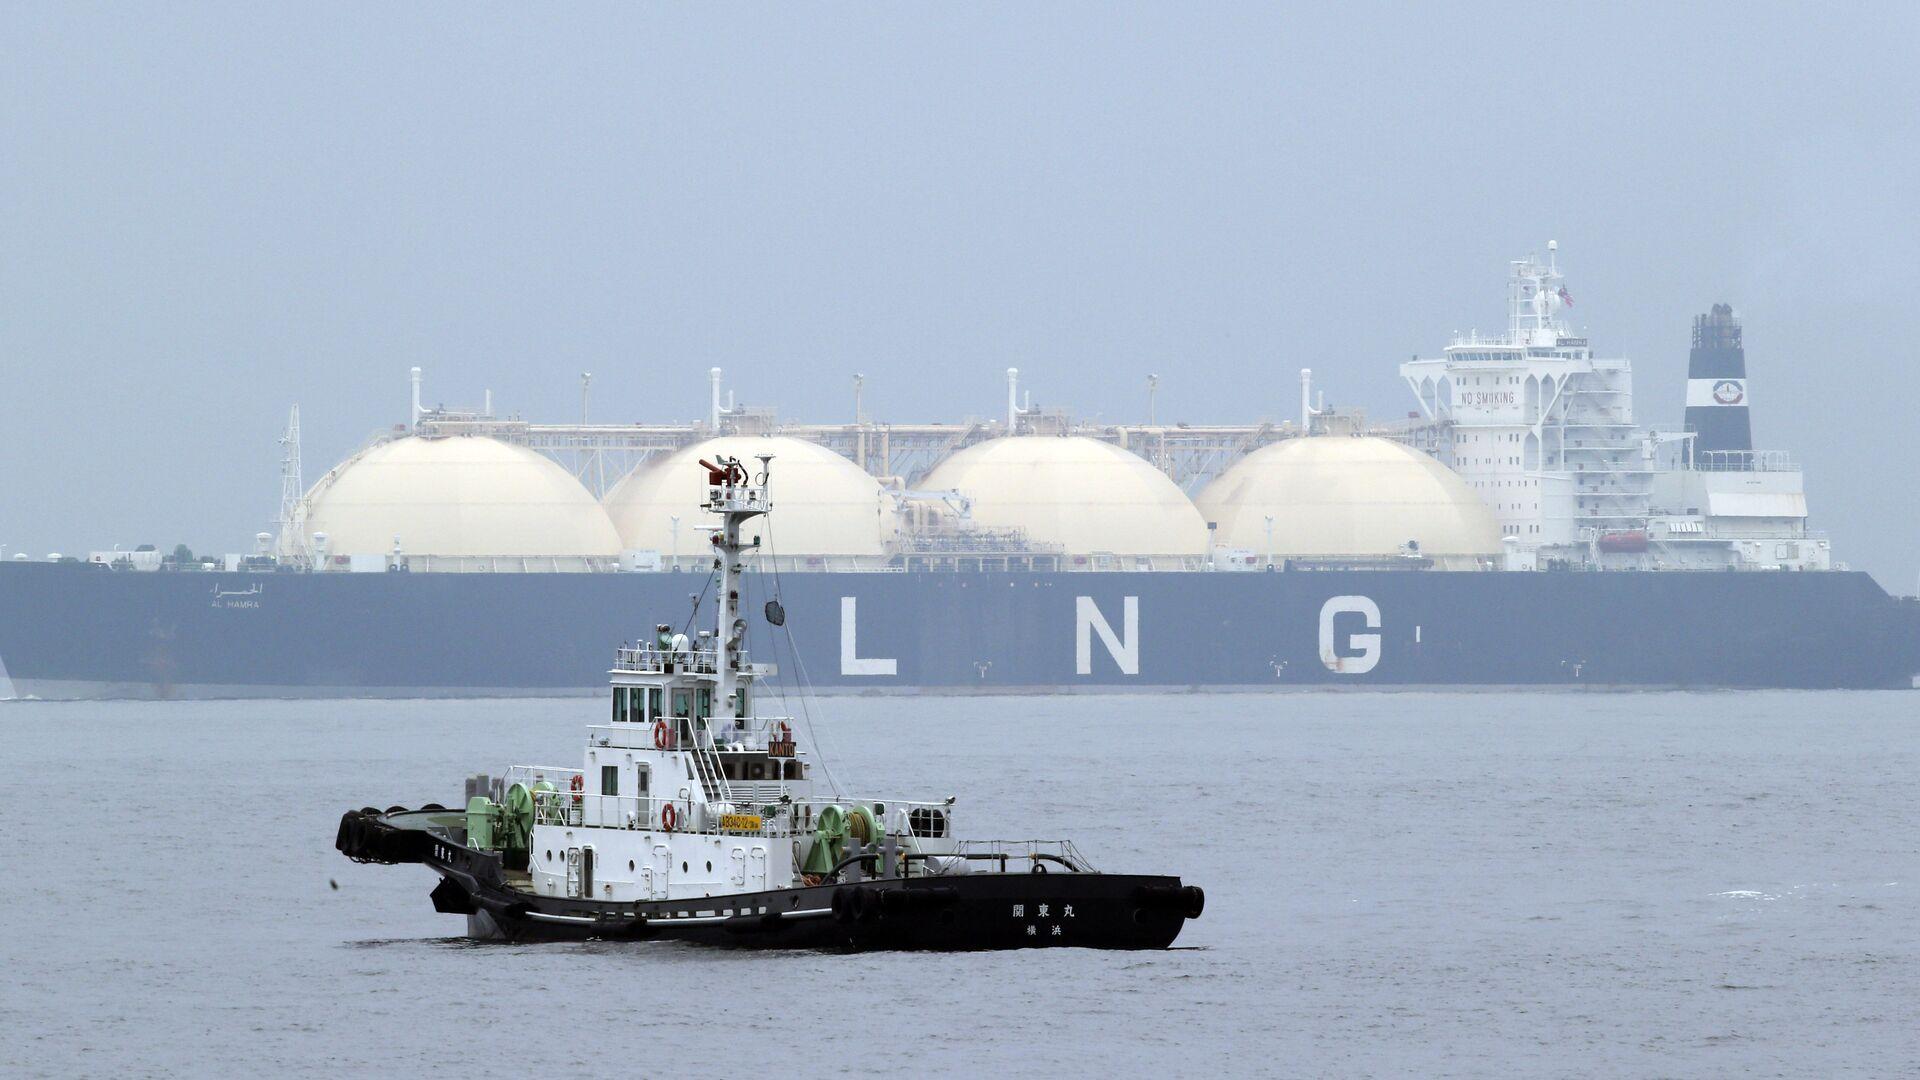 Nave cargo per il gas naturale liquefatto - Sputnik Italia, 1920, 19.08.2021